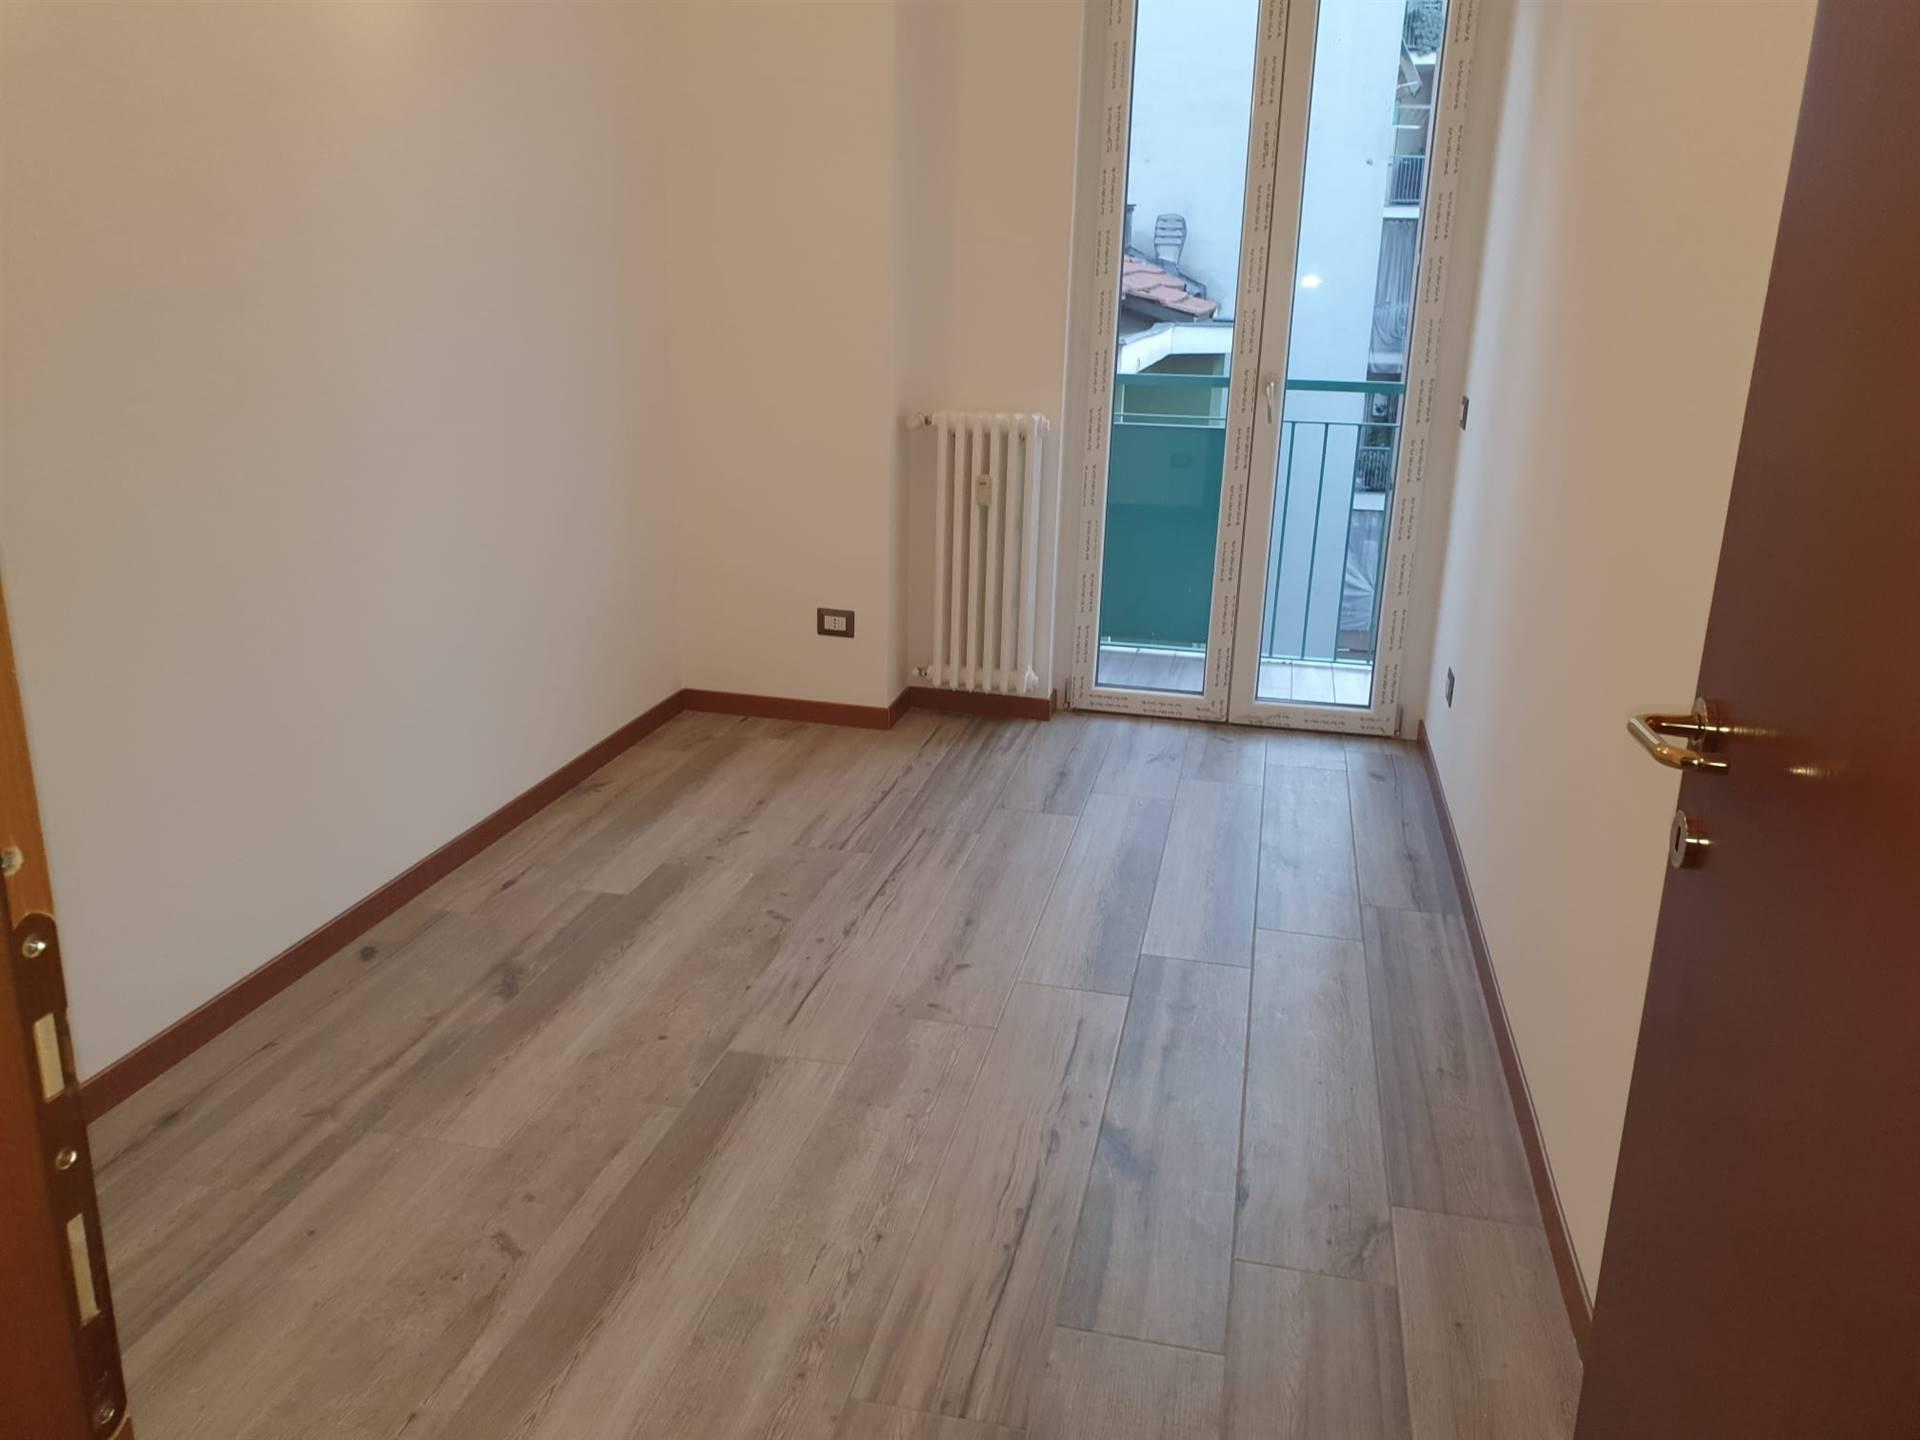 Appartamento in vendita a Sesto San Giovanni, 2 locali, prezzo € 159.000 | PortaleAgenzieImmobiliari.it